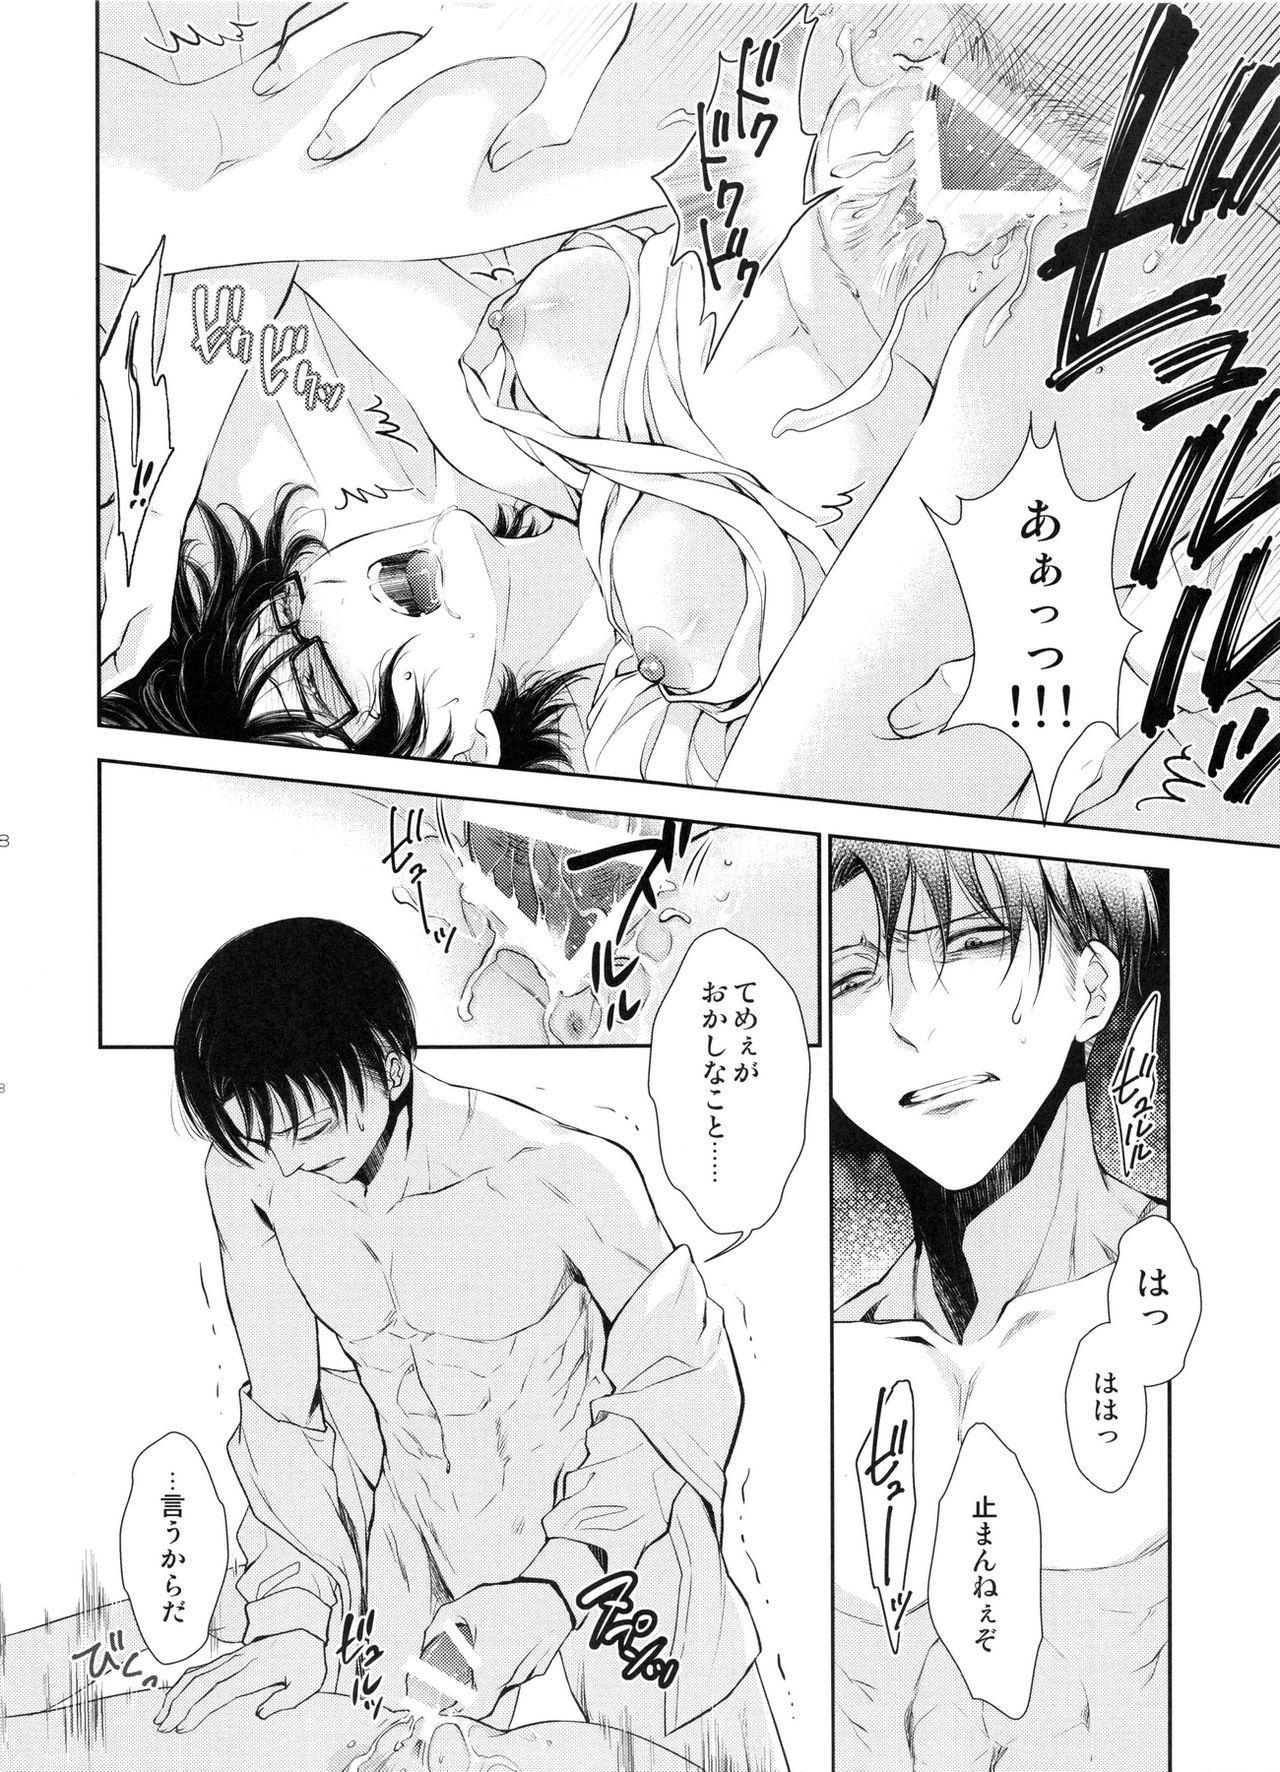 Meguri Meguri Soshite Mata Hana wa Saku 37